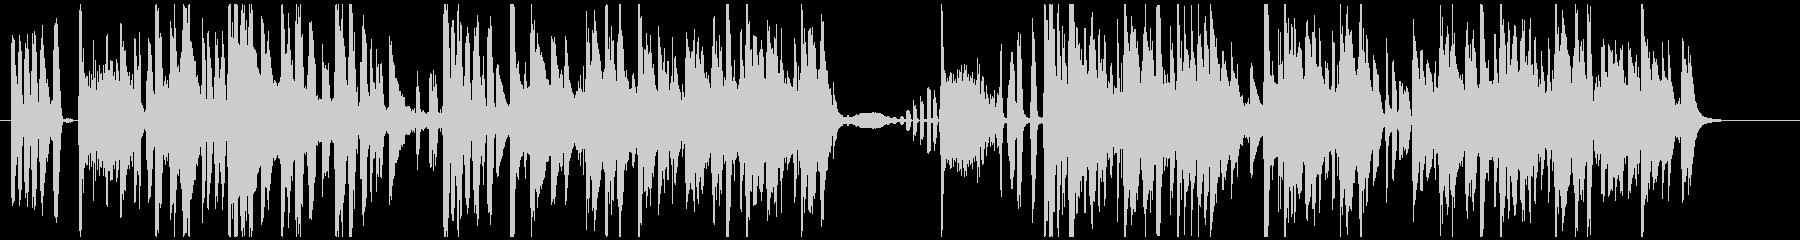 ラテンとヒップホップのフレアとこの...の未再生の波形